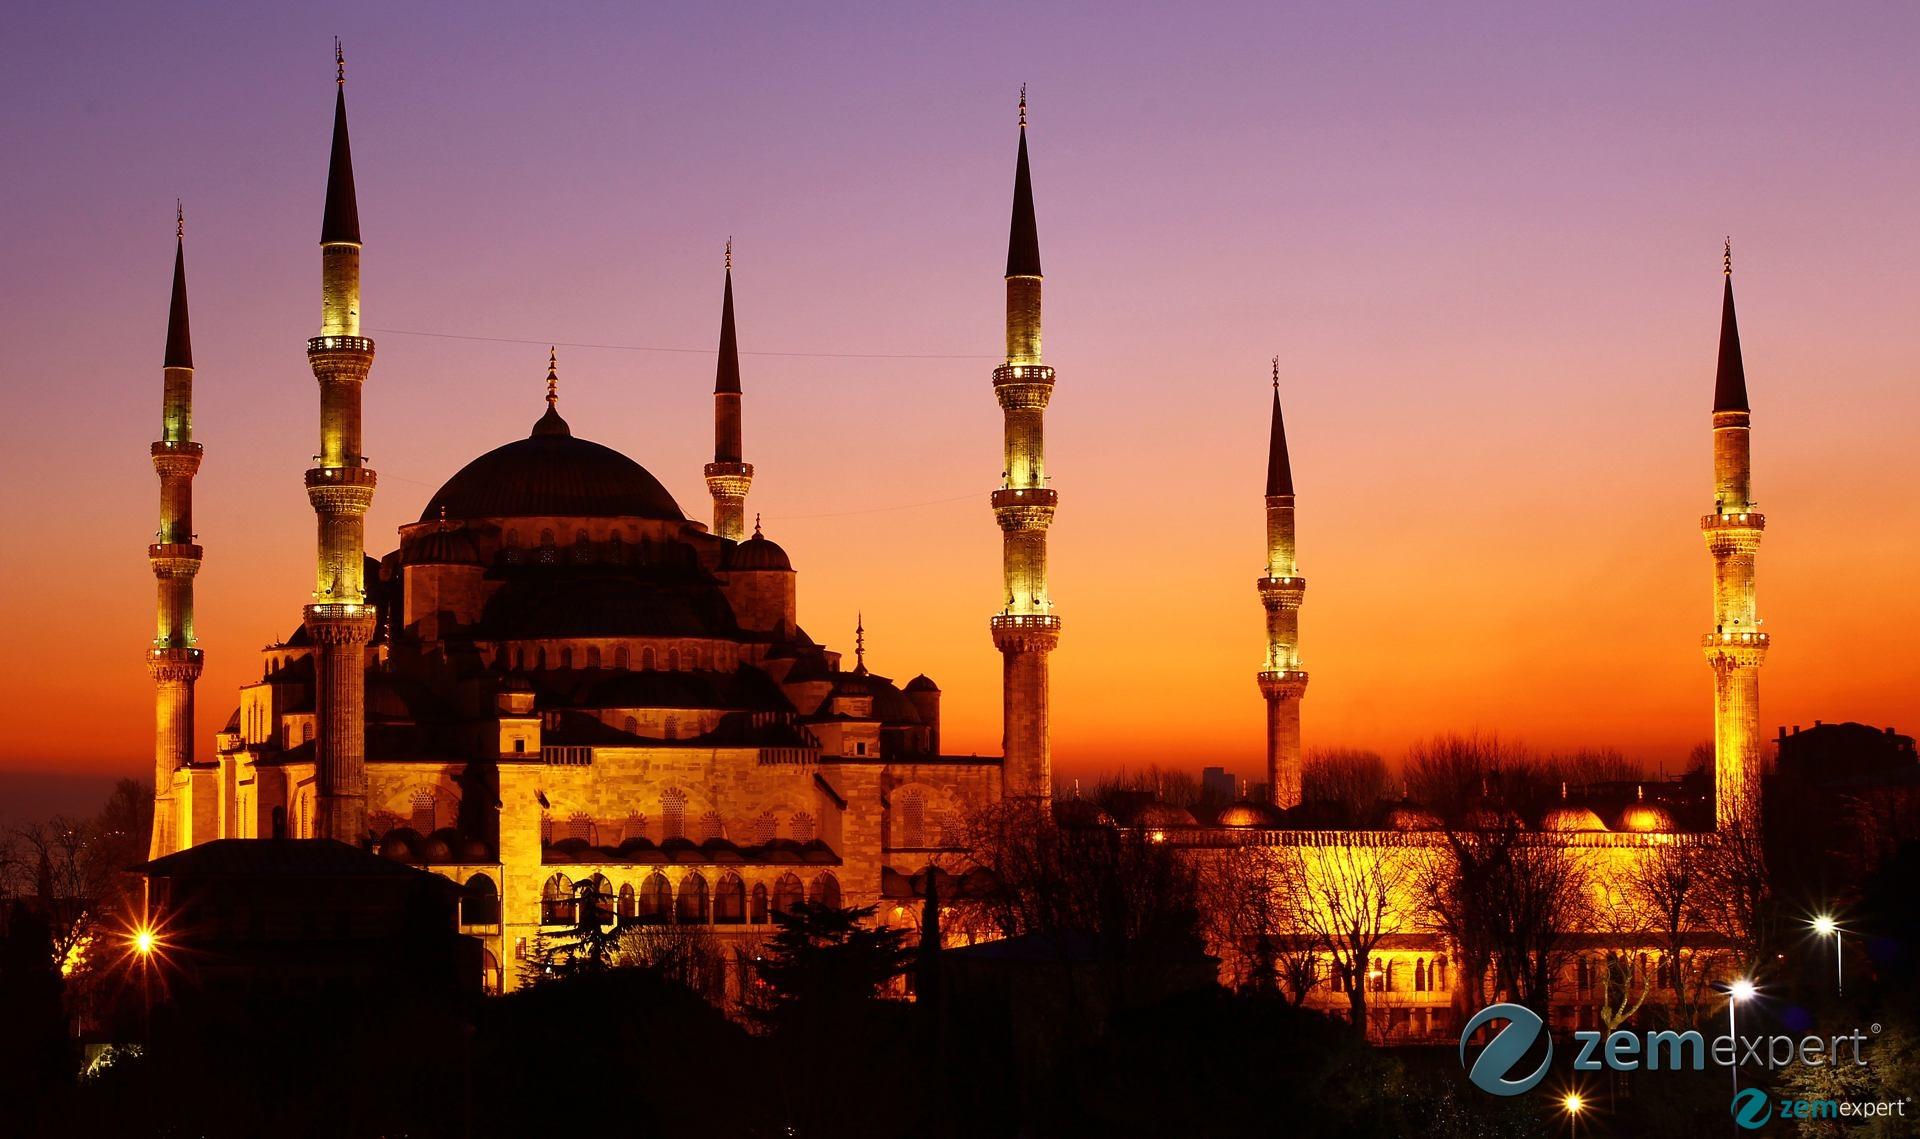 Акция от Zemexpert позволит увидеть красоты Стамбула совершенно бесплатно